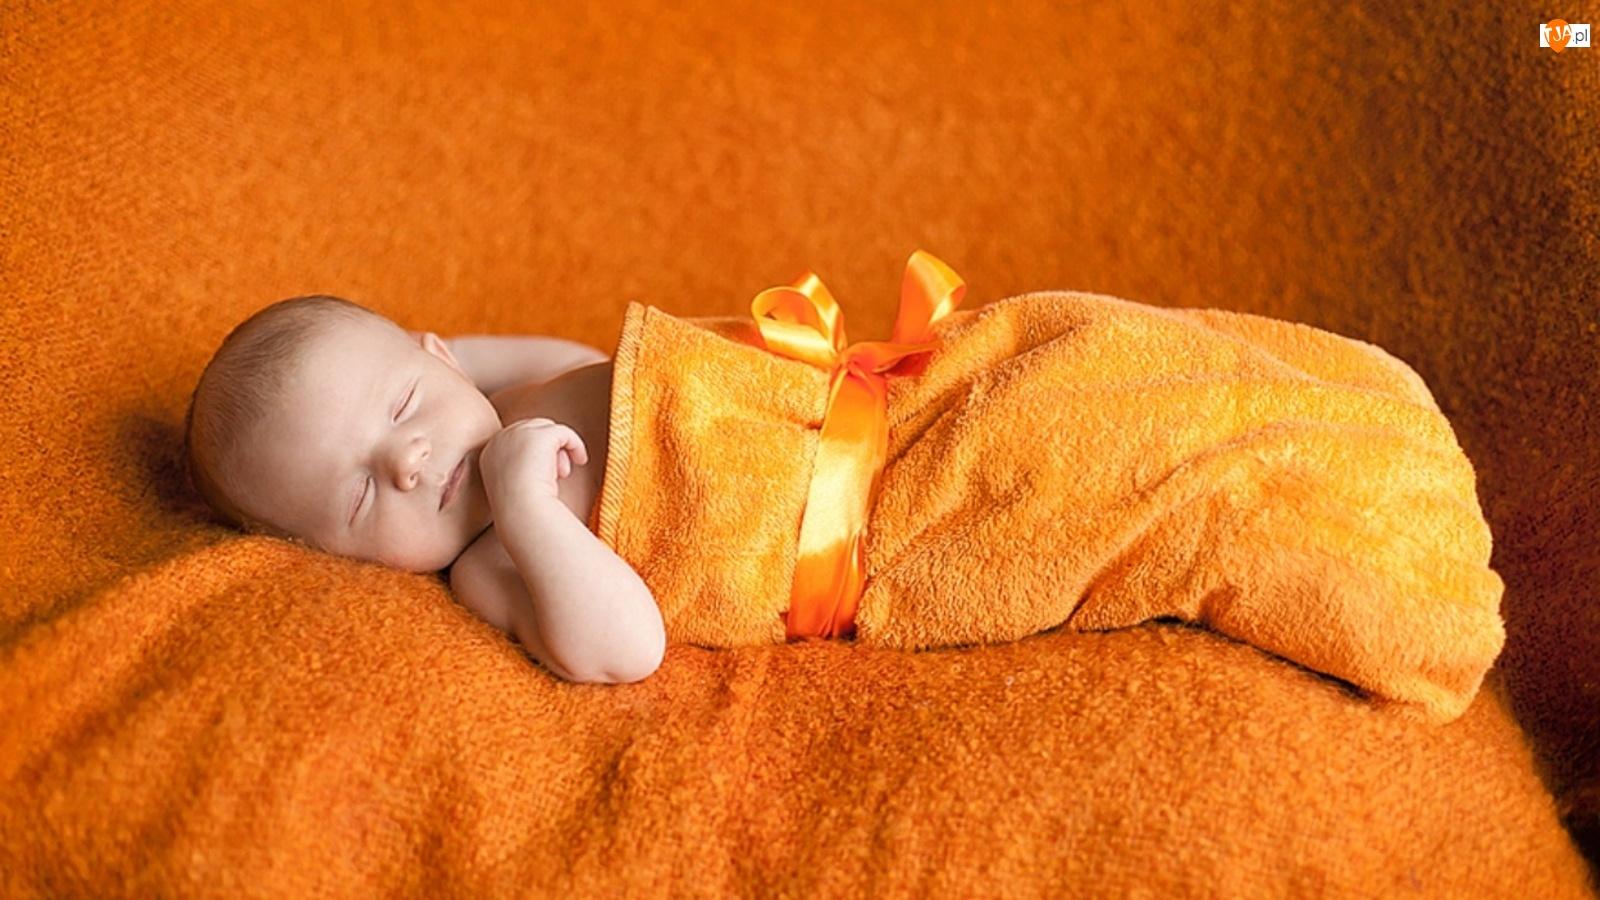 Dziecko, Frotta, Małe, Wstążka, Śpiące, Pomarańczowa